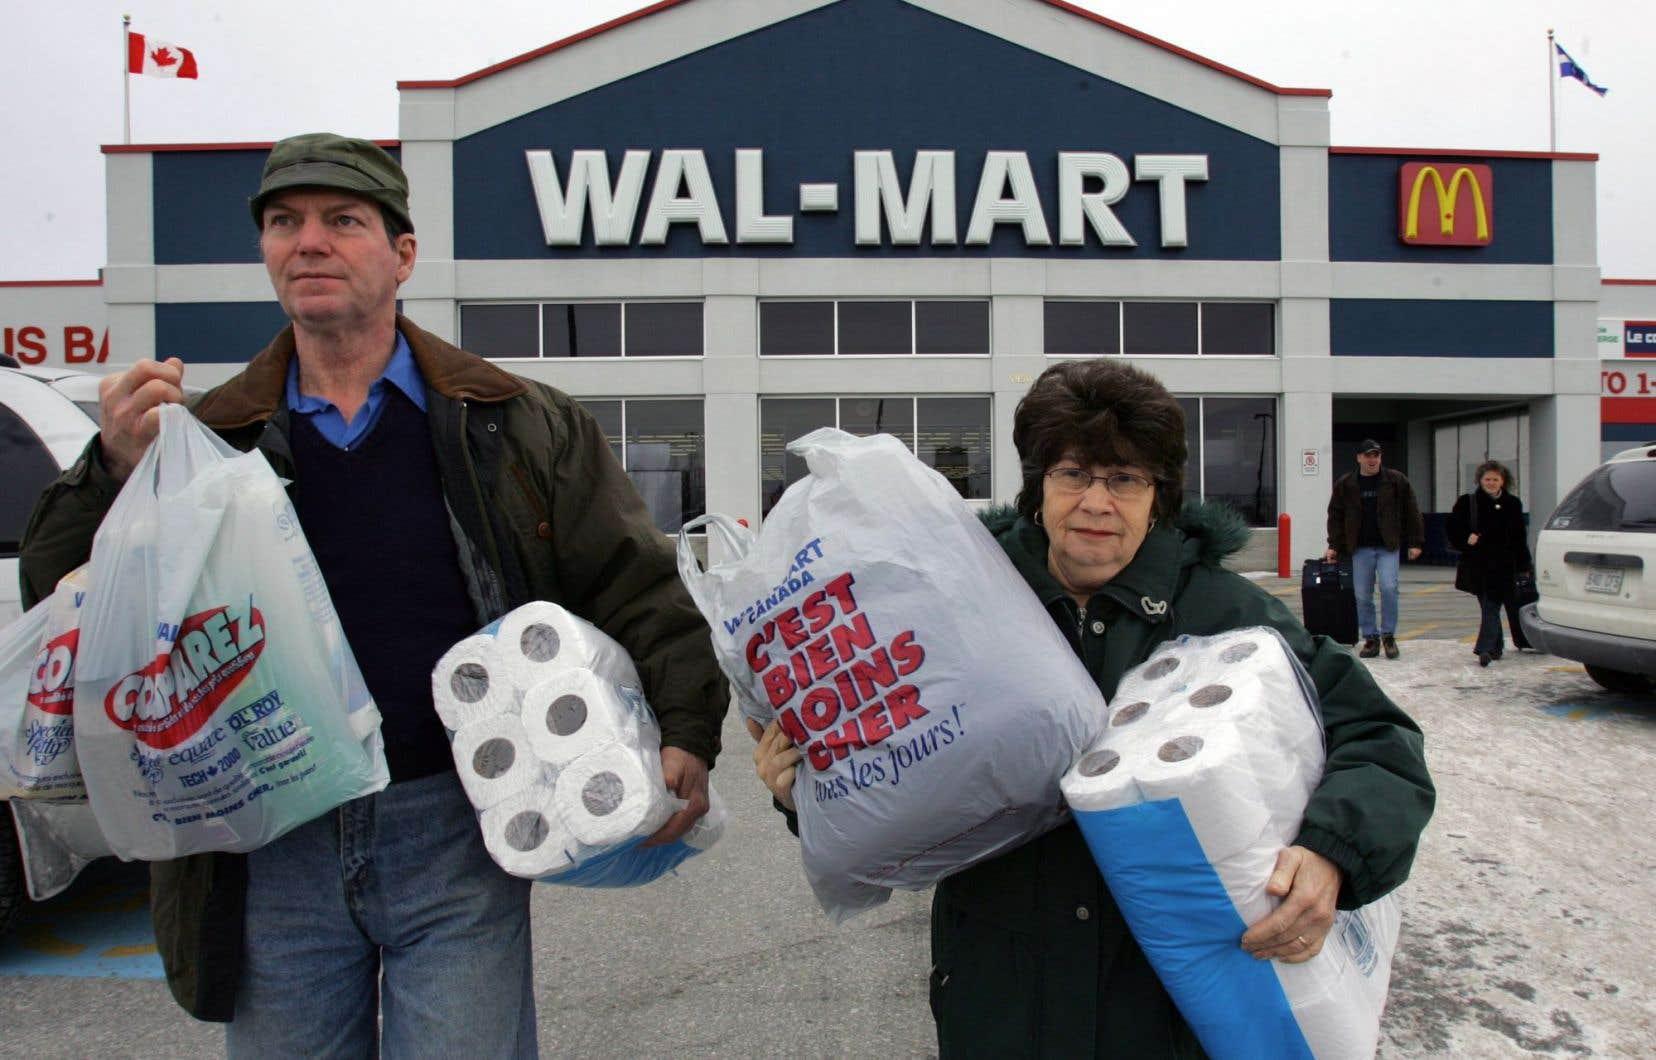 Best Buy, Costco Wholesale, Curves, Guess, Gap, Old Navy, Toys « R » Us et Walmart peuvent donc continuer à s'afficher en anglais seulement.